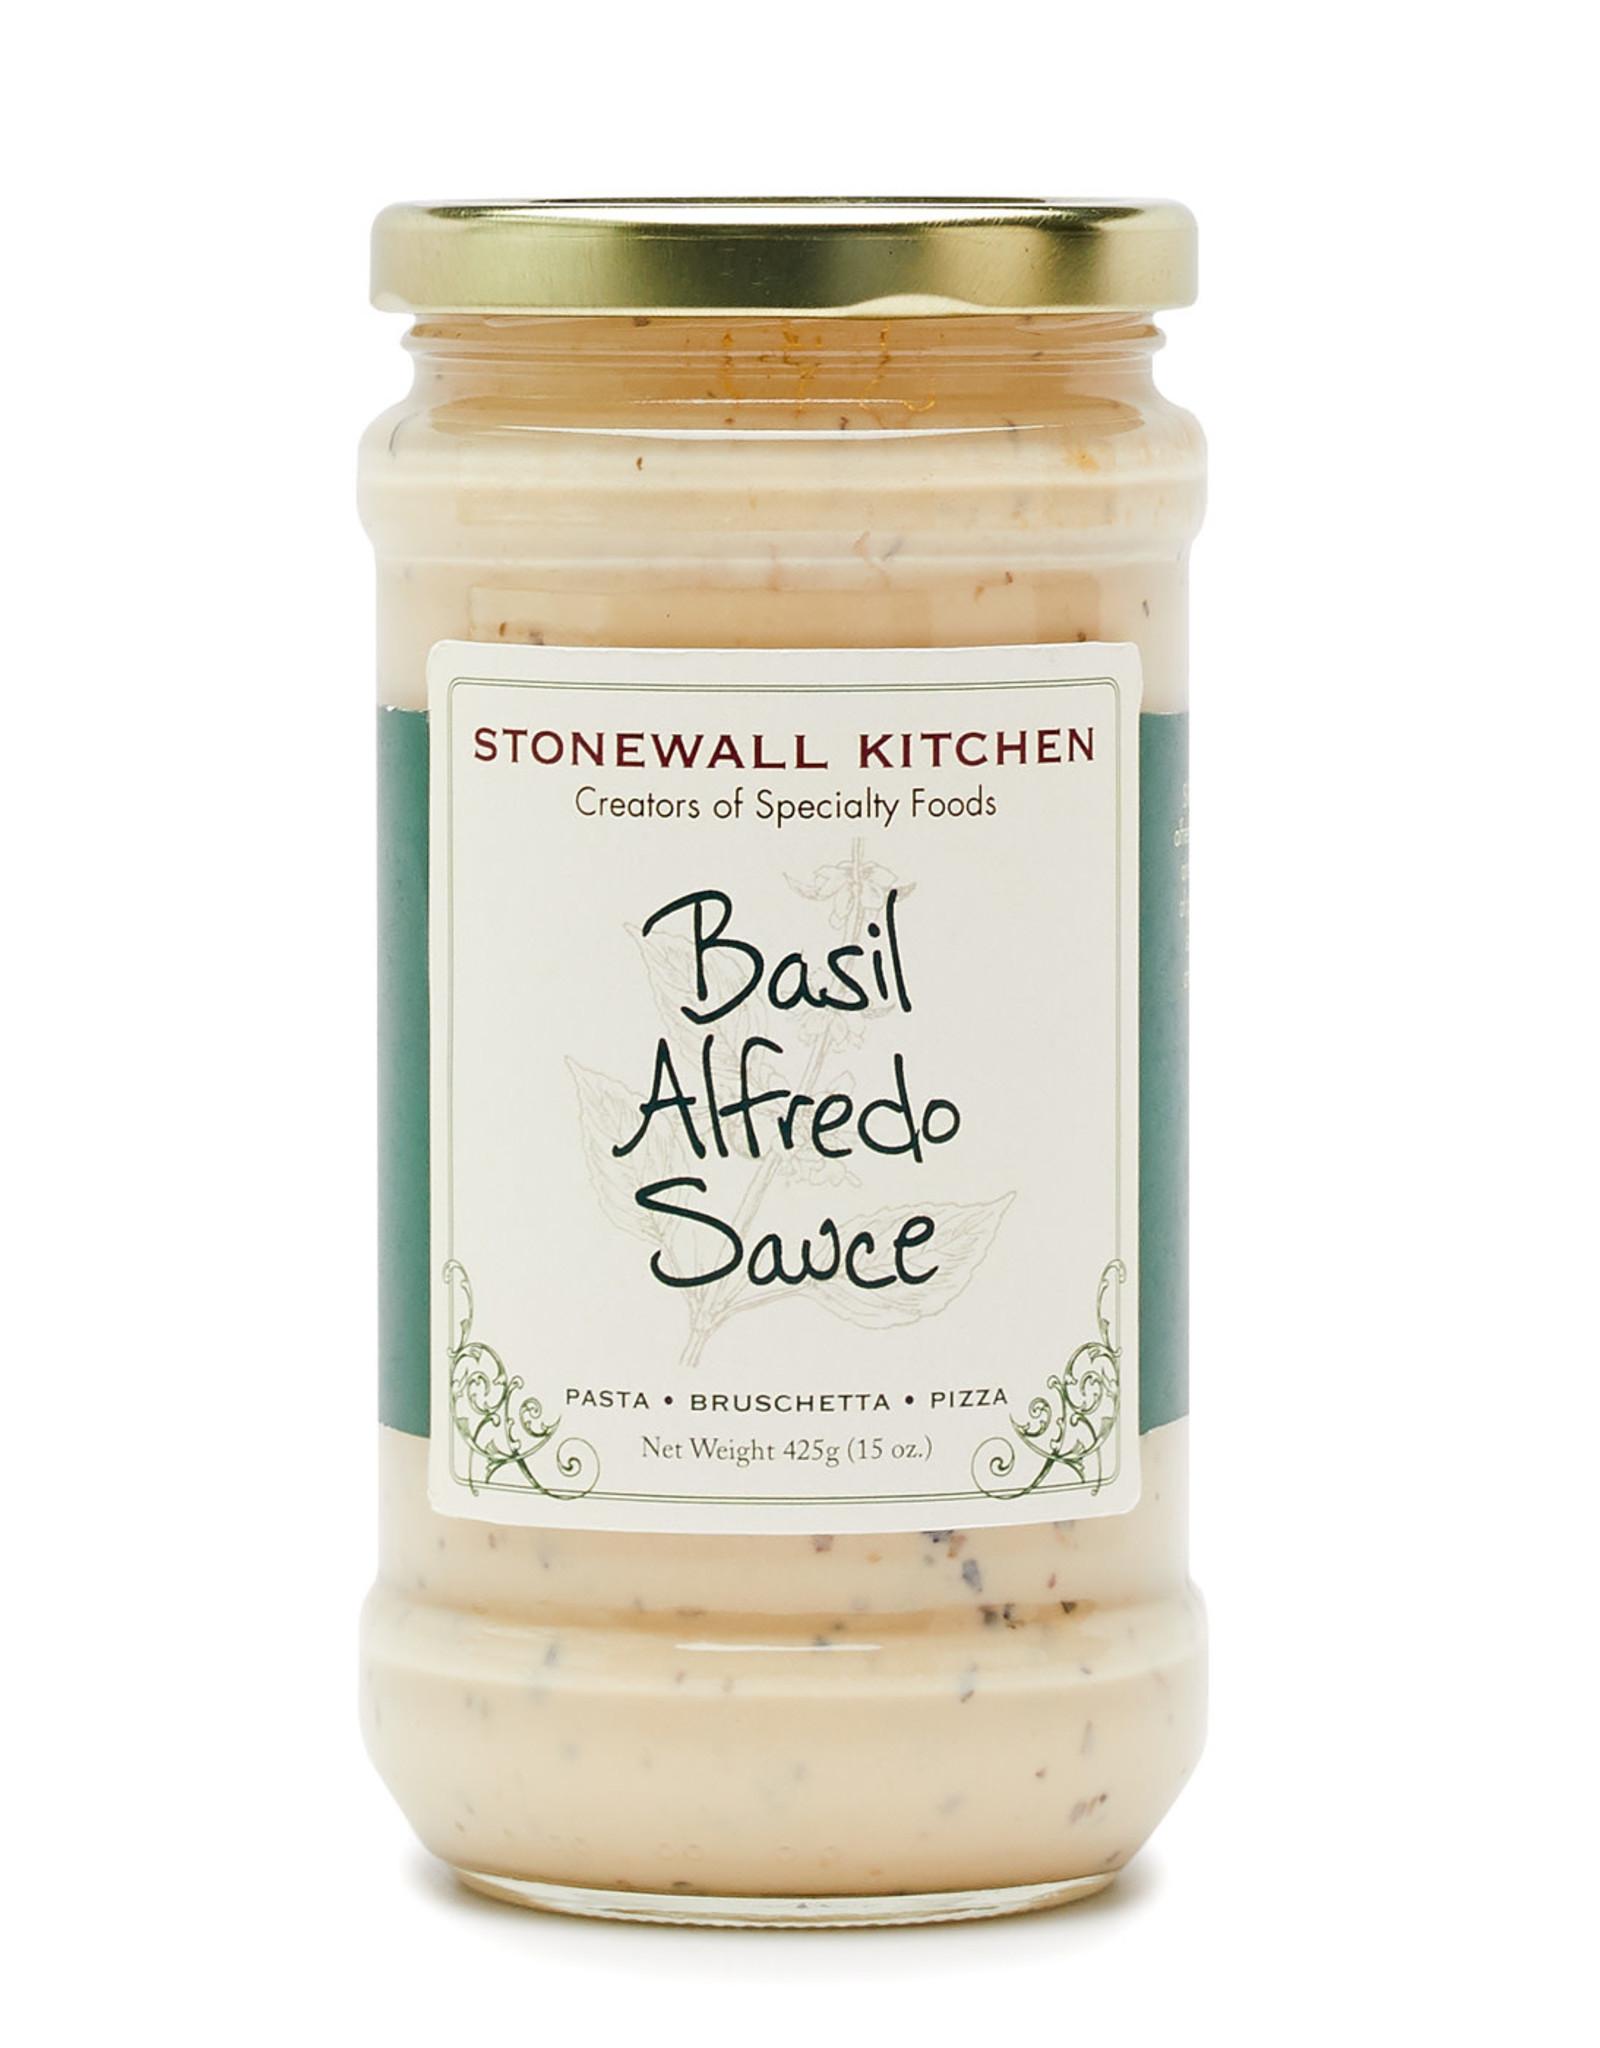 Stonewall Kitchen Basil Alfredo Sauce